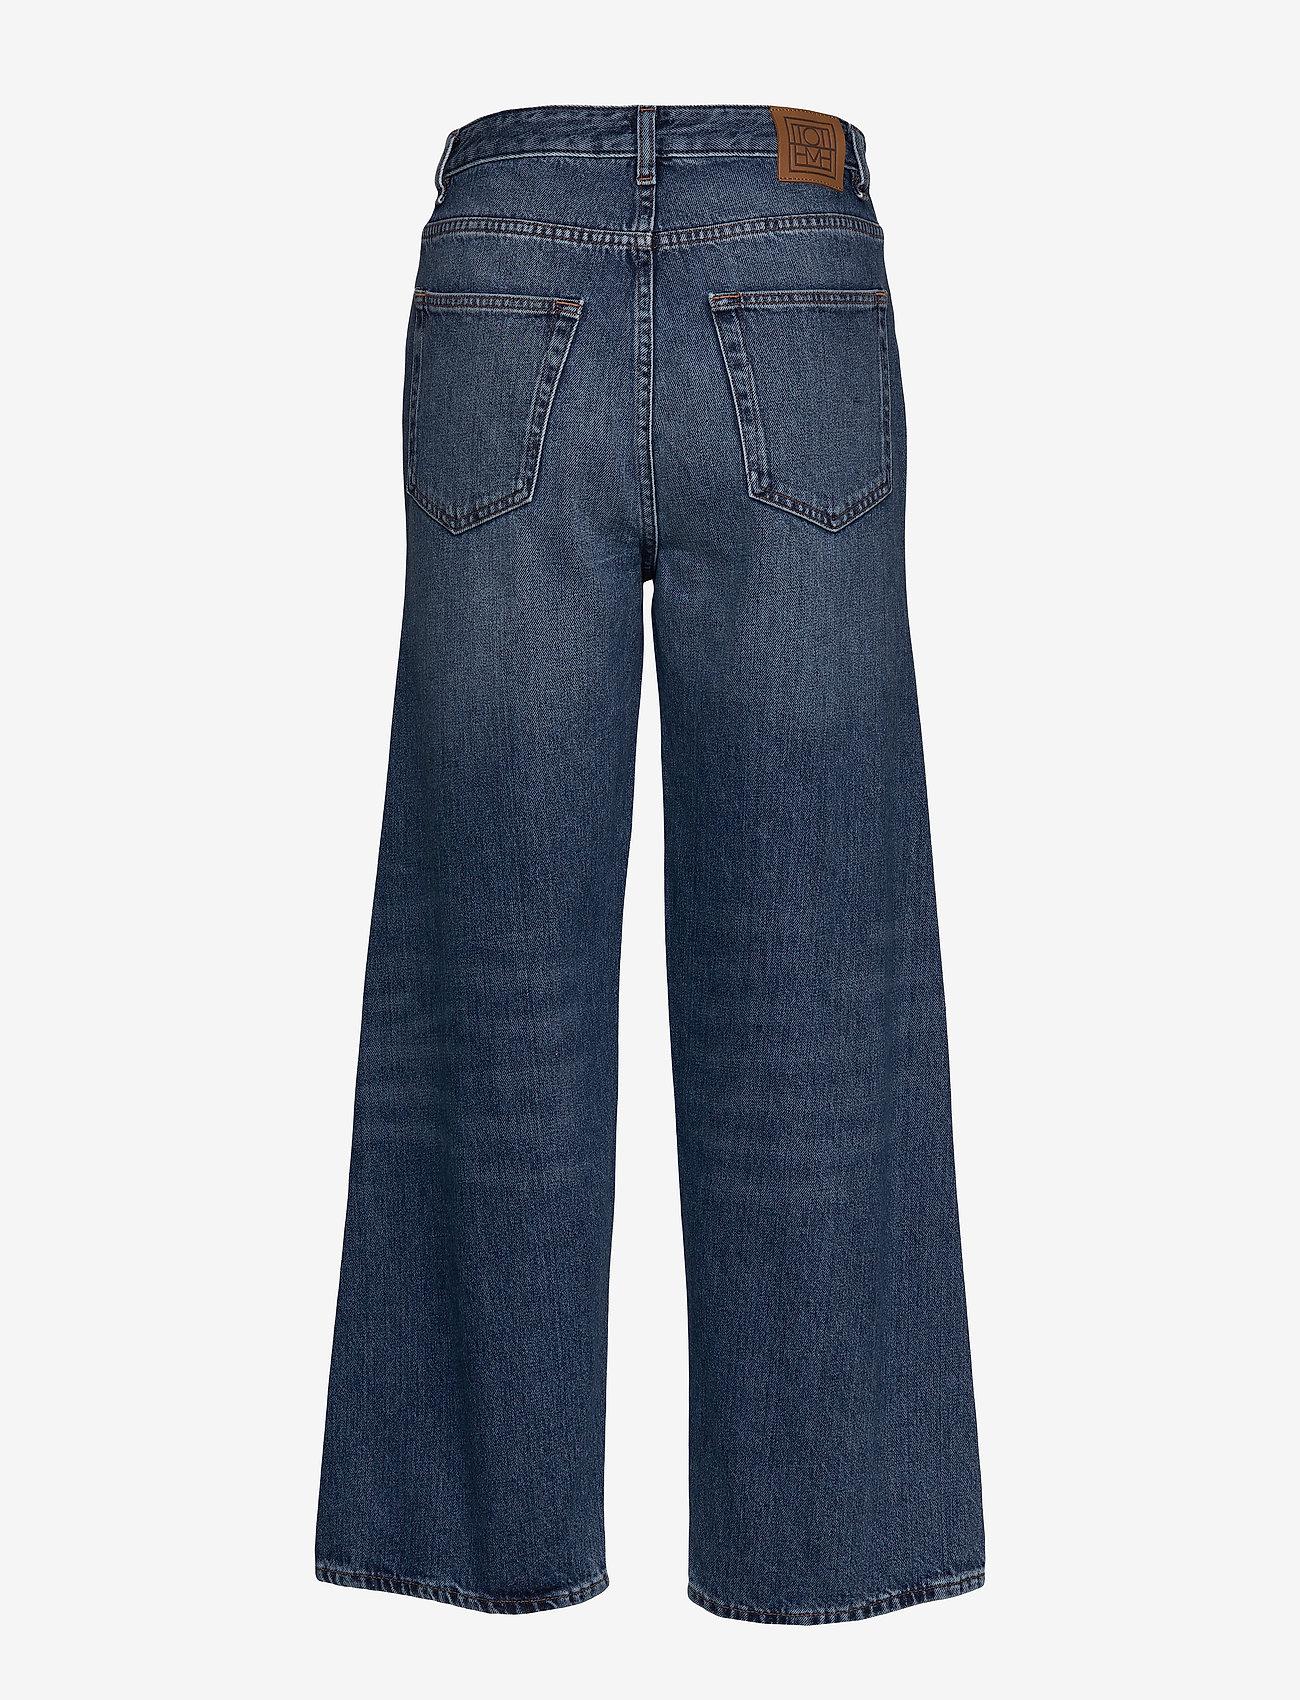 Totême - FLAIR DENIM - szerokie dżinsy - washed blue 405 - 1